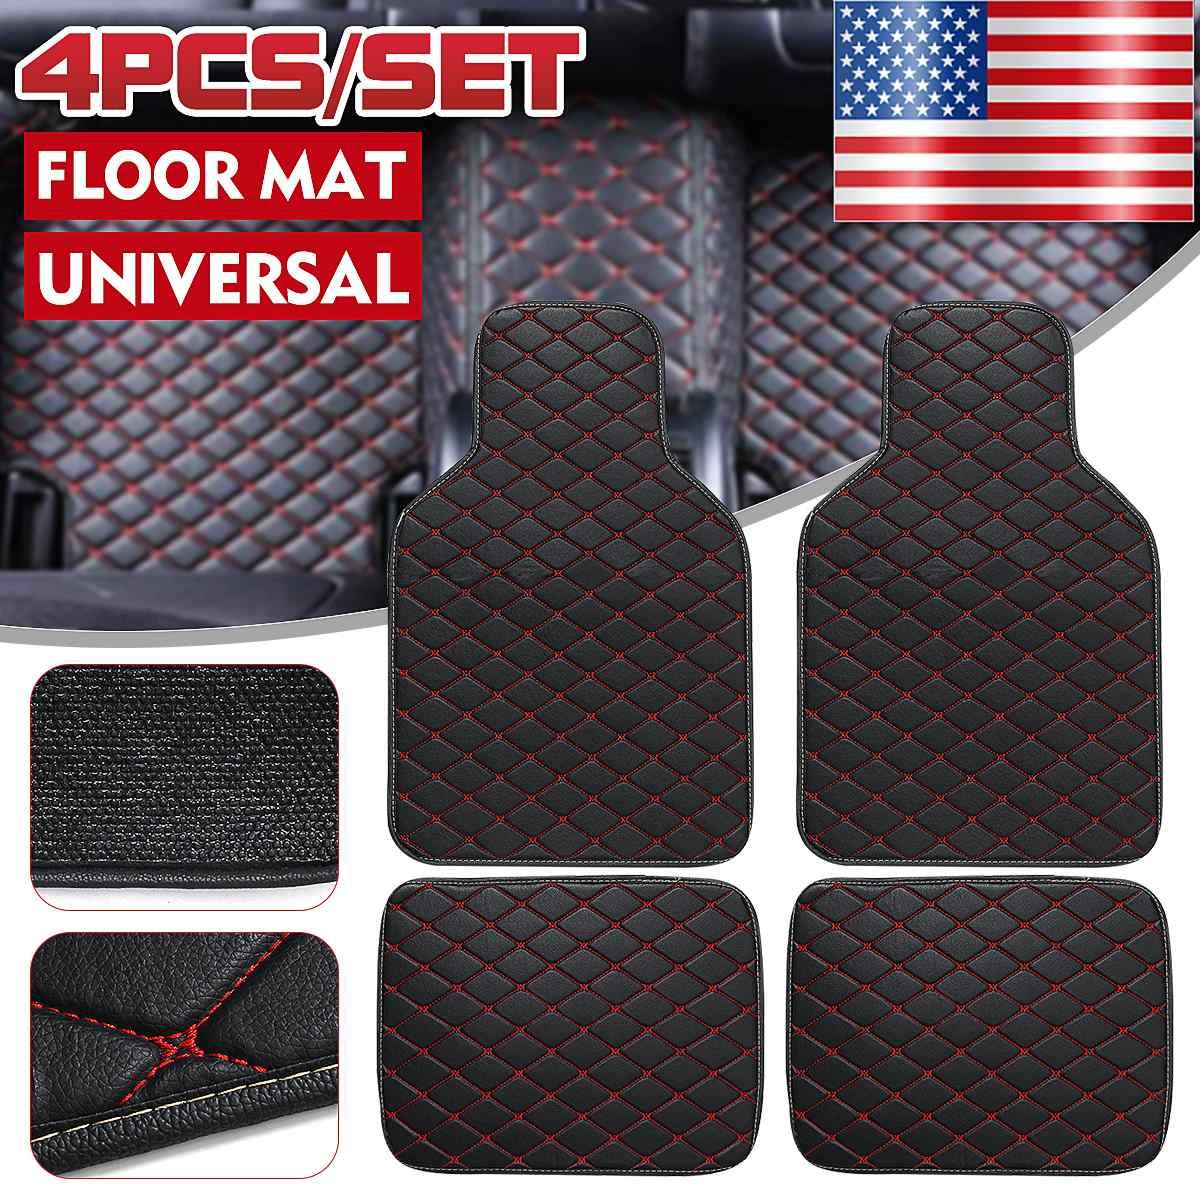 Tapis de sol de voiture universel pour vw pour accessoires de polo pour vw pour passat b5 b6 golf touran tiguan pour jetta accessoires de voiture tapis de voiture